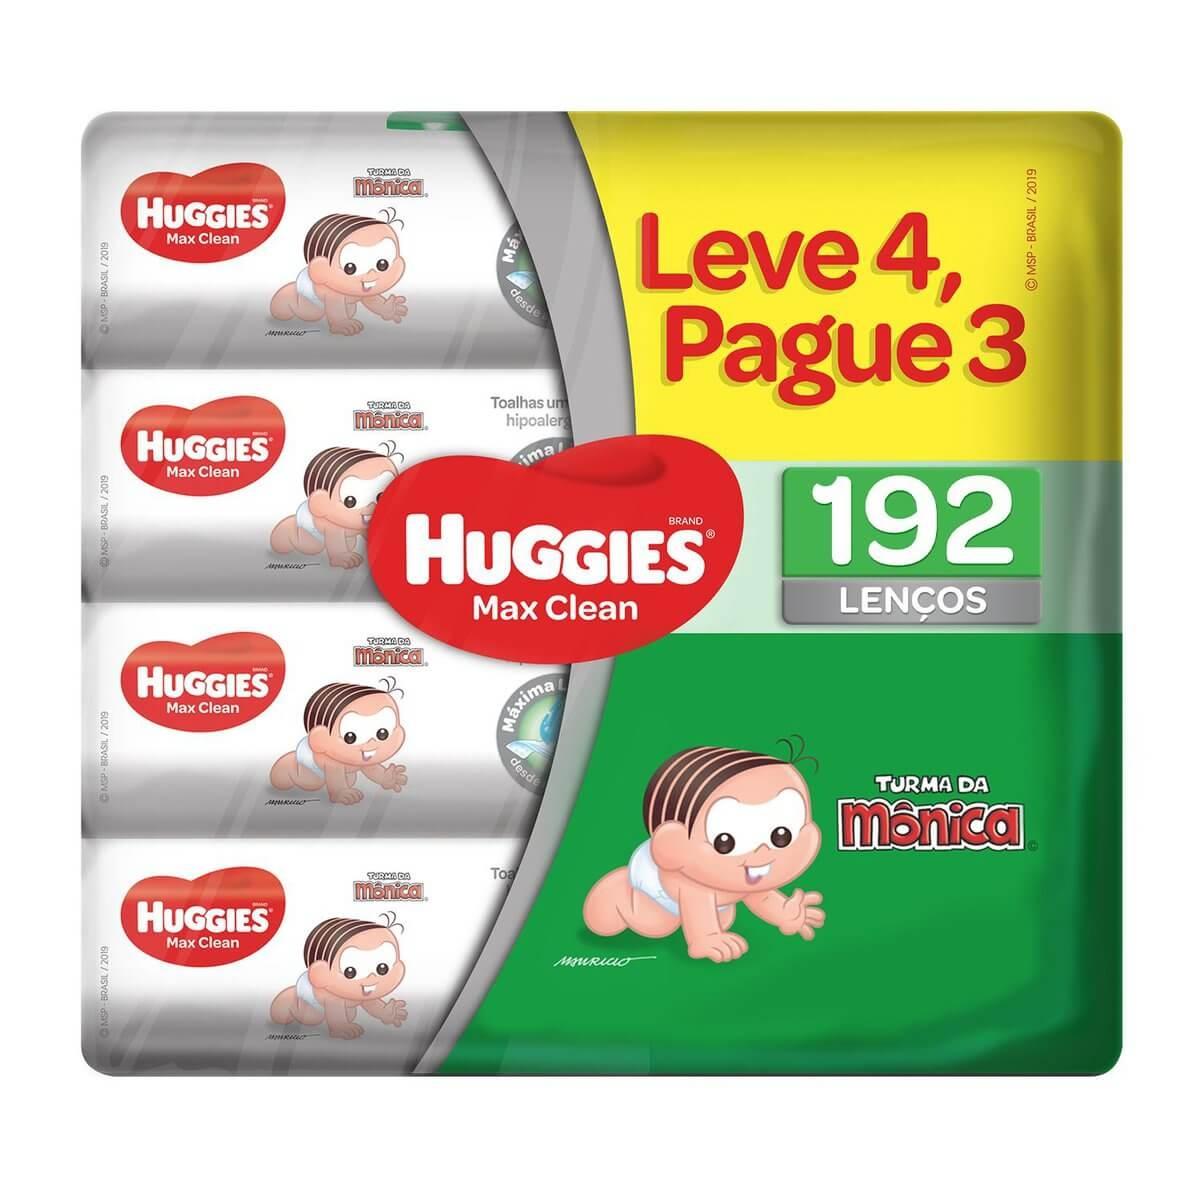 Lenço Umedecido Huggies Max Clean com 192 unidades 192 Unidades